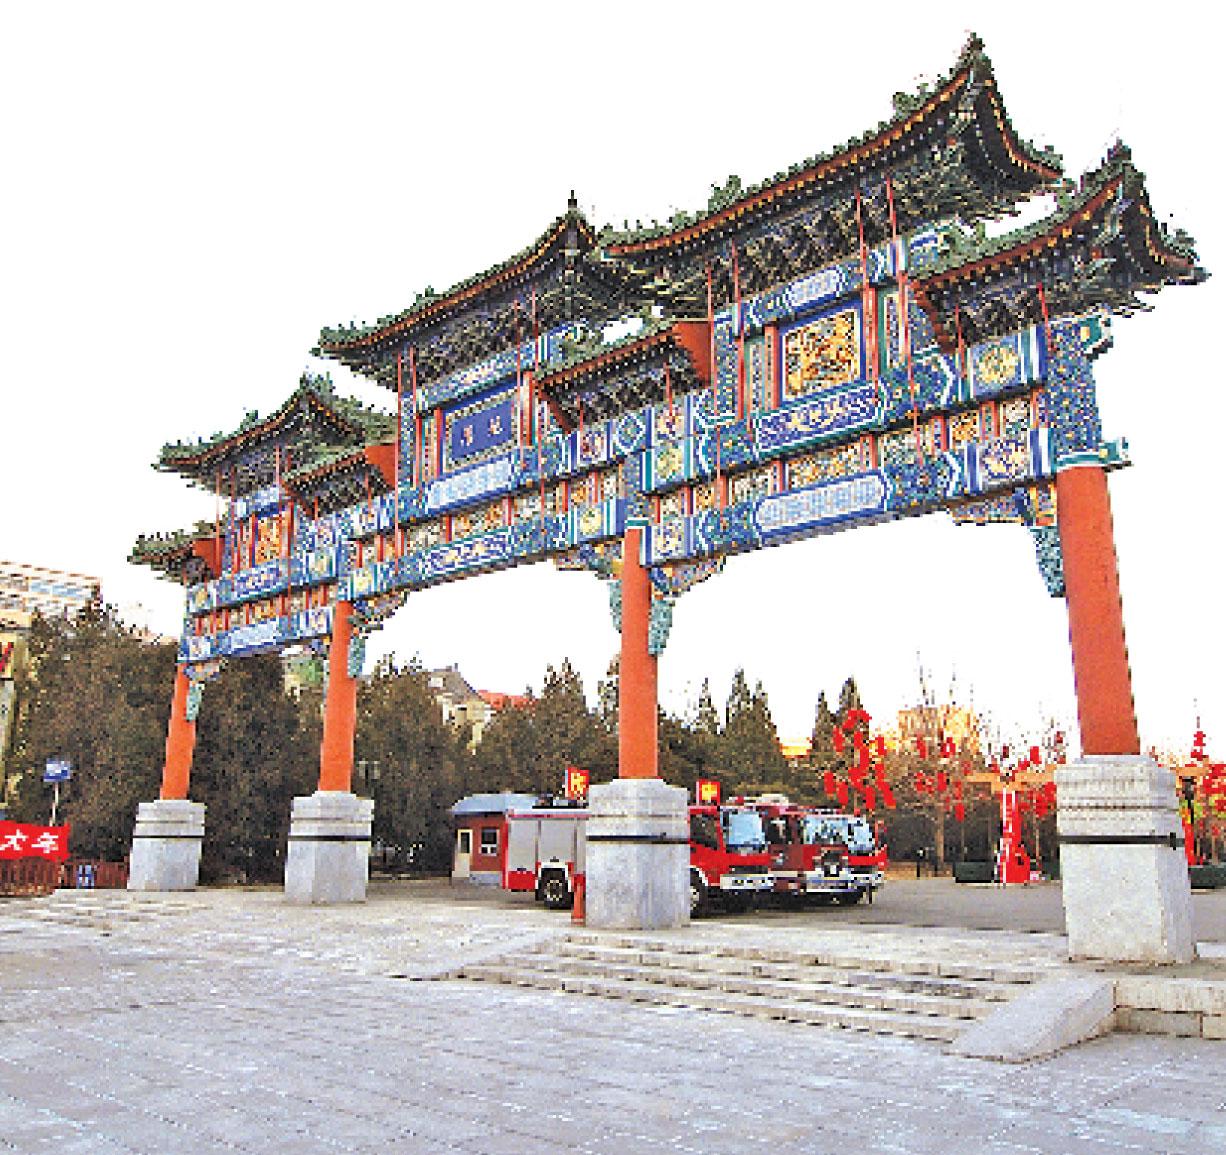 北京地壇。(rheins/Wikimedia Commons CC BY-SA 3.0)